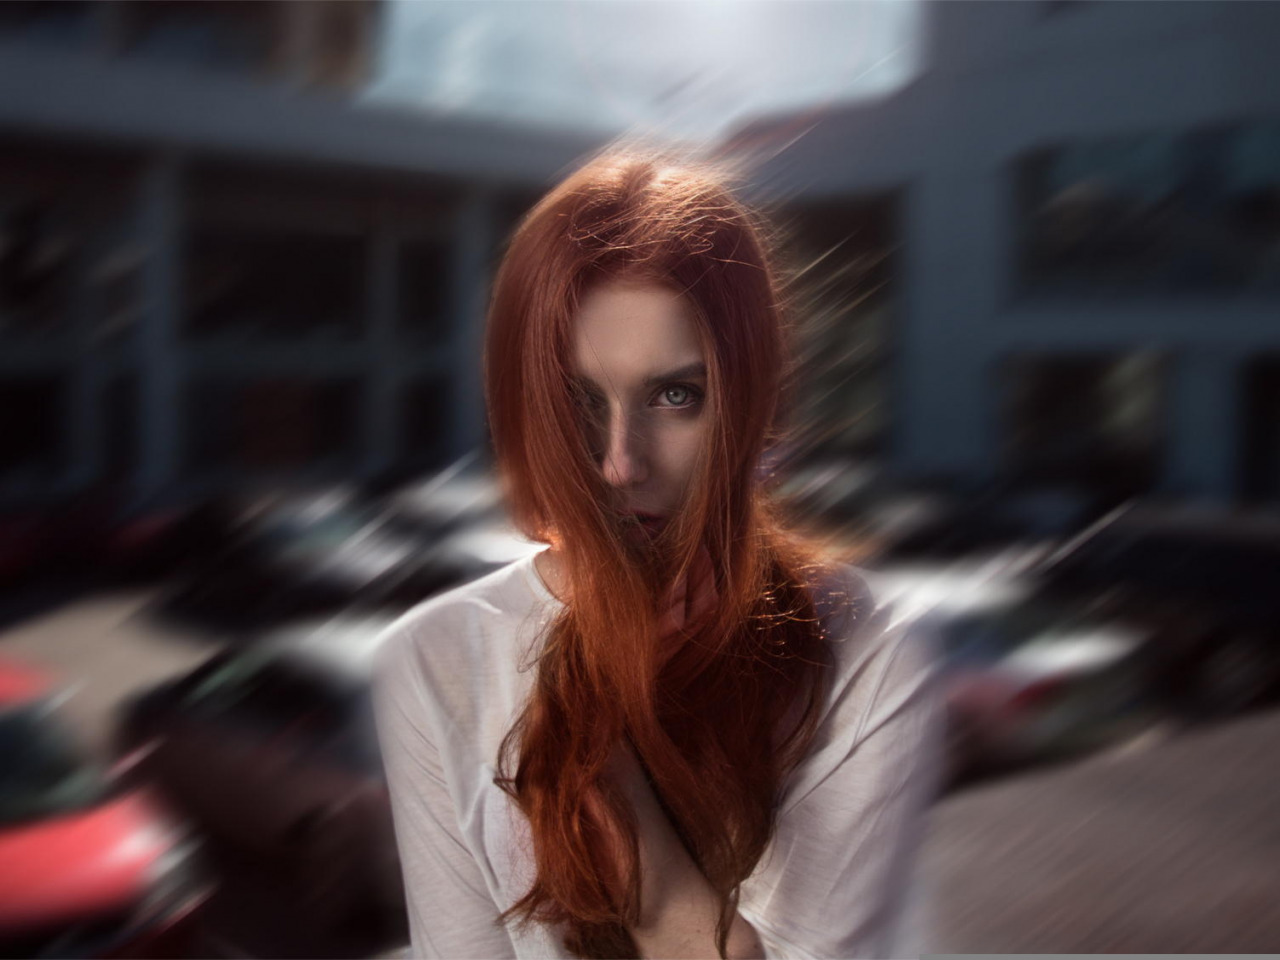 Фото девушка в паутине, Фото: Девушка, которая застряла в паутине Кадр из 12 фотография